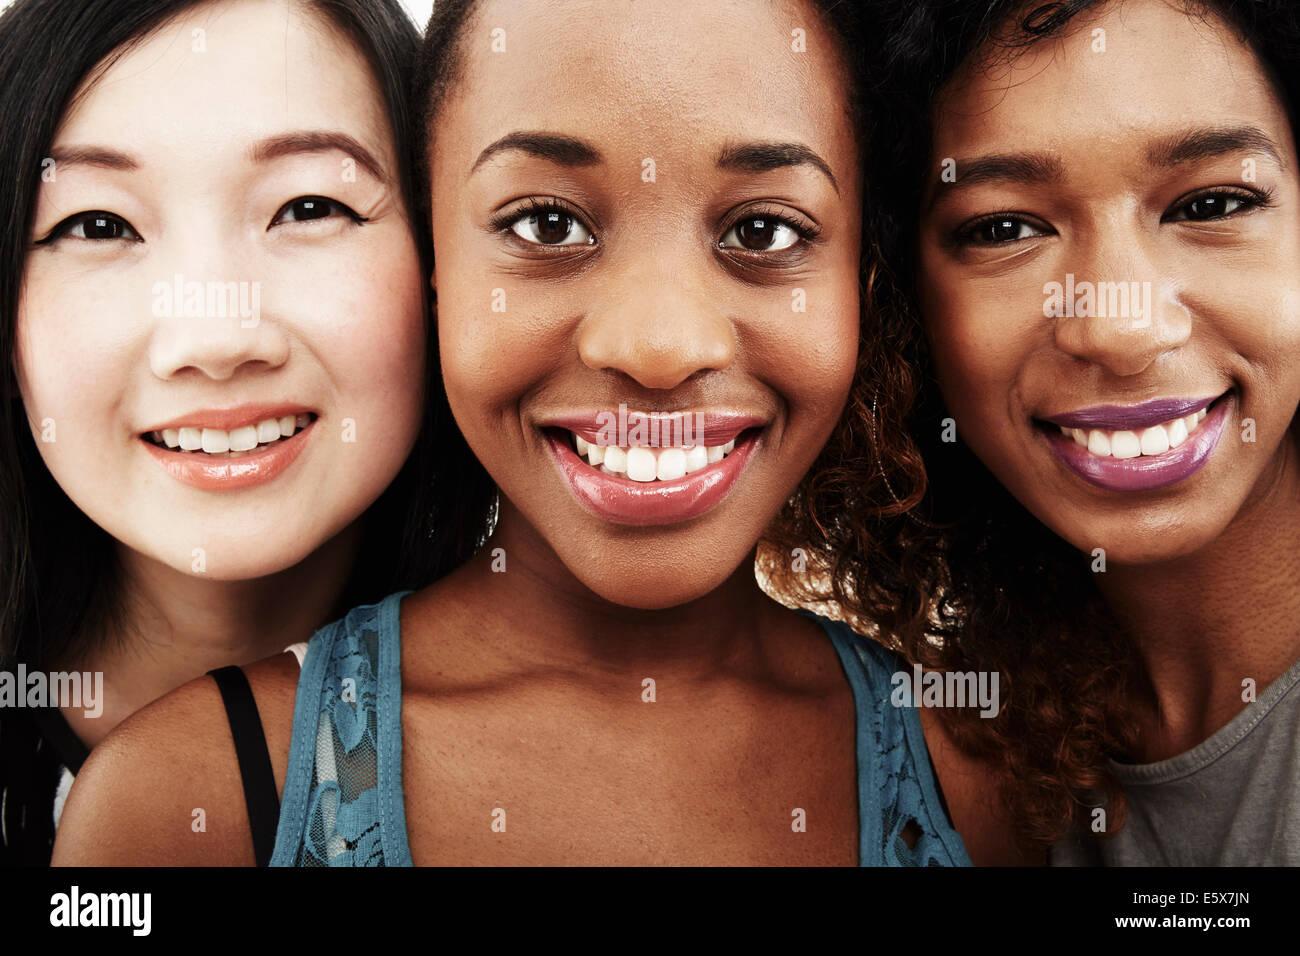 Studio-Porträt von drei junge Frauen Lächeln hautnah Stockbild